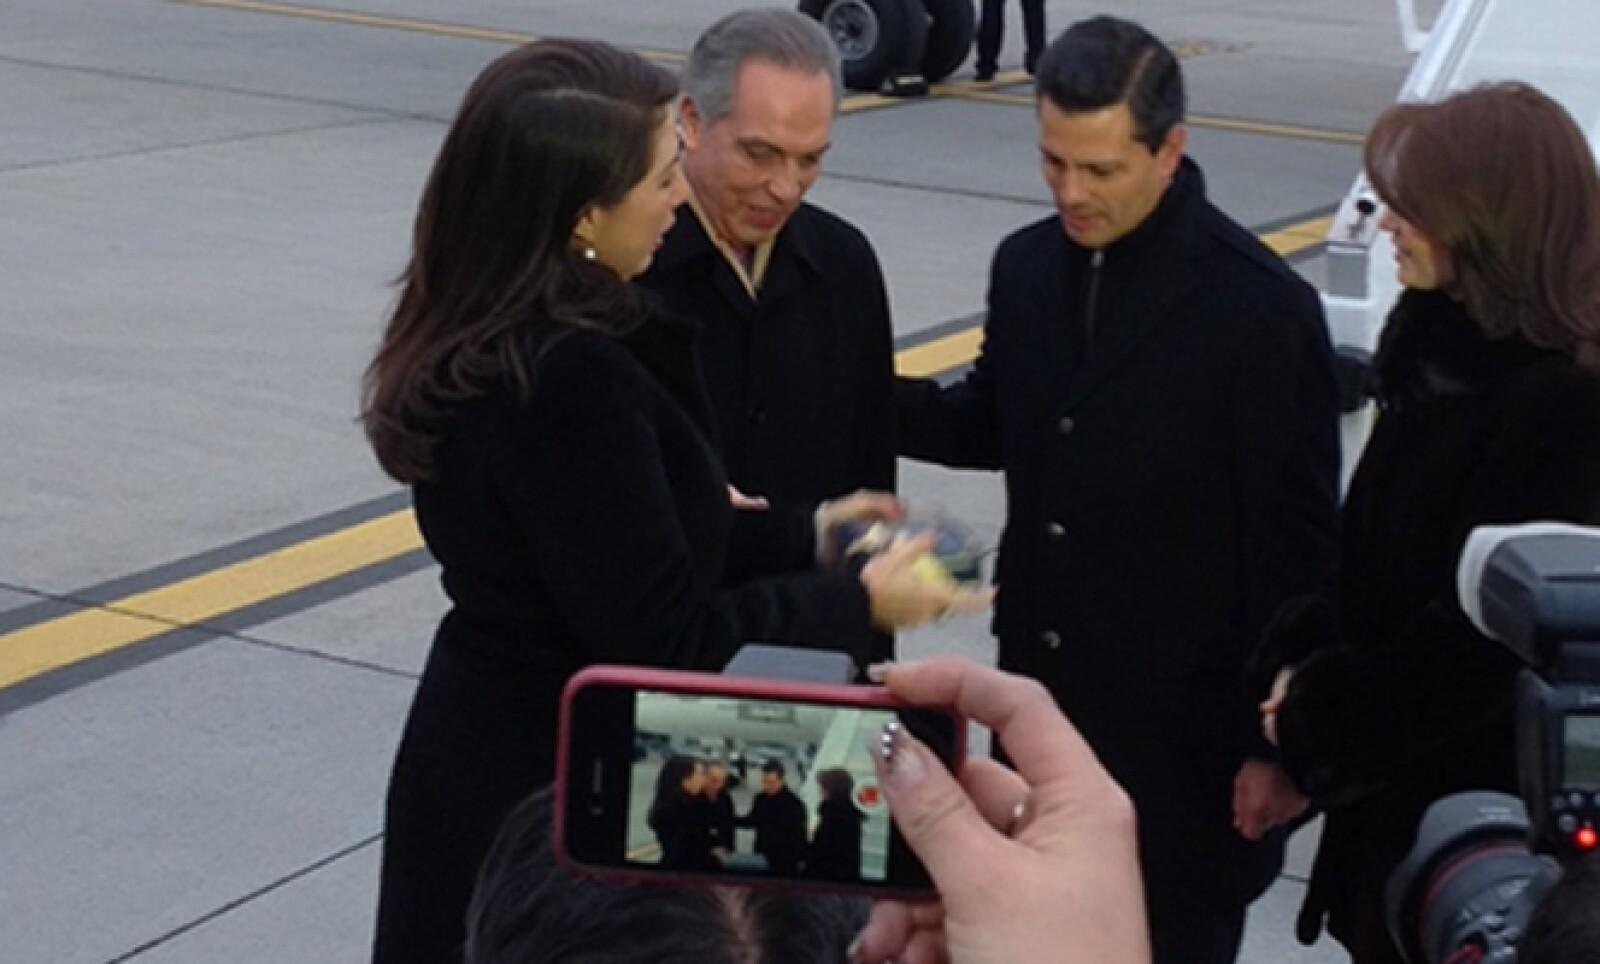 El presidente de México, Enrique Peña Nieto, llegó con su esposa al aeropuerto de Zurich, donde fue recibido por el embajador Jorge Castro-Valle.